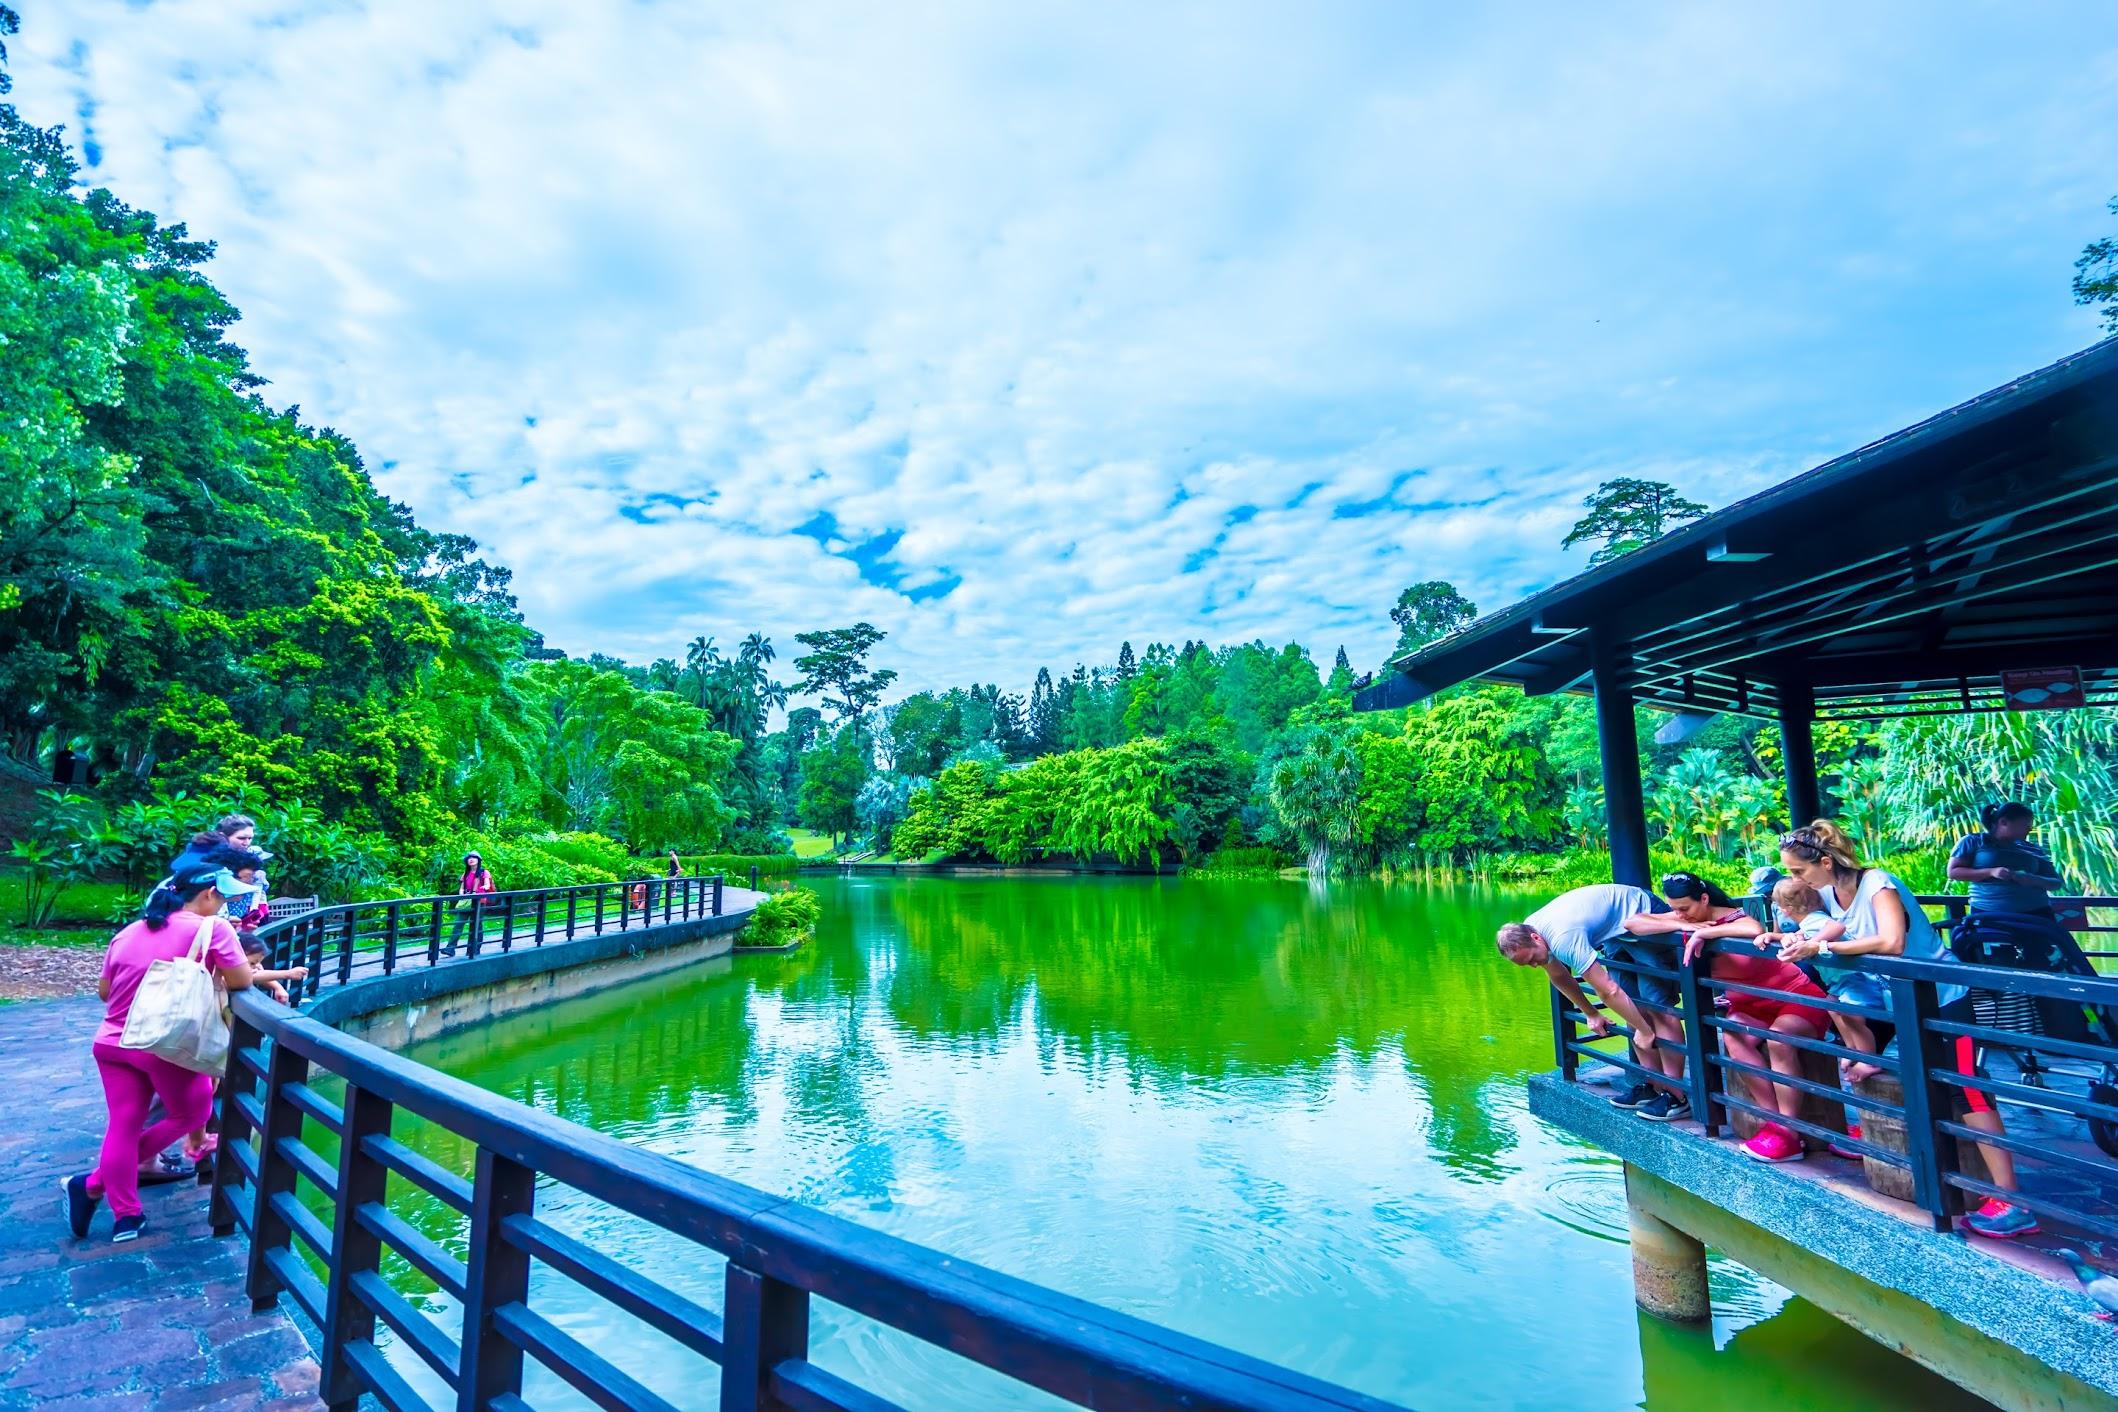 Singapore Botanic Gardens Symphony Lake3